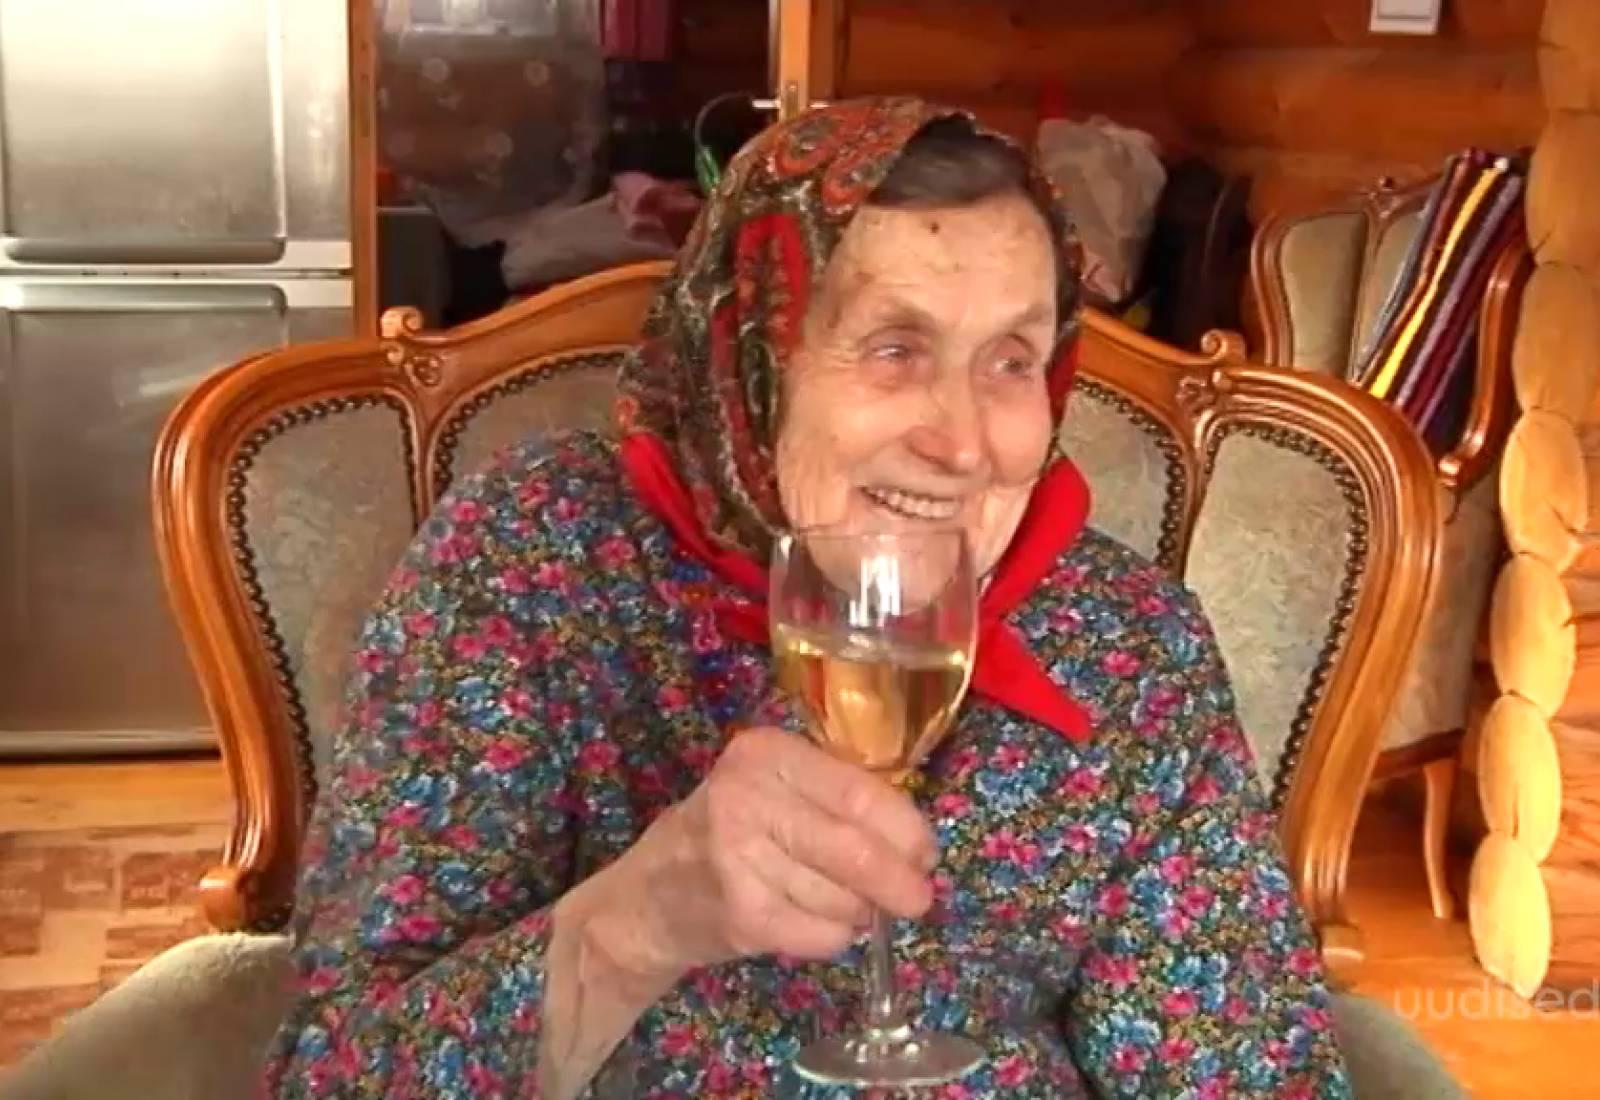 Video! Vaata, kuidas tähistas oma 90. sünnipäeva krutskeid täis Kihnu Virve